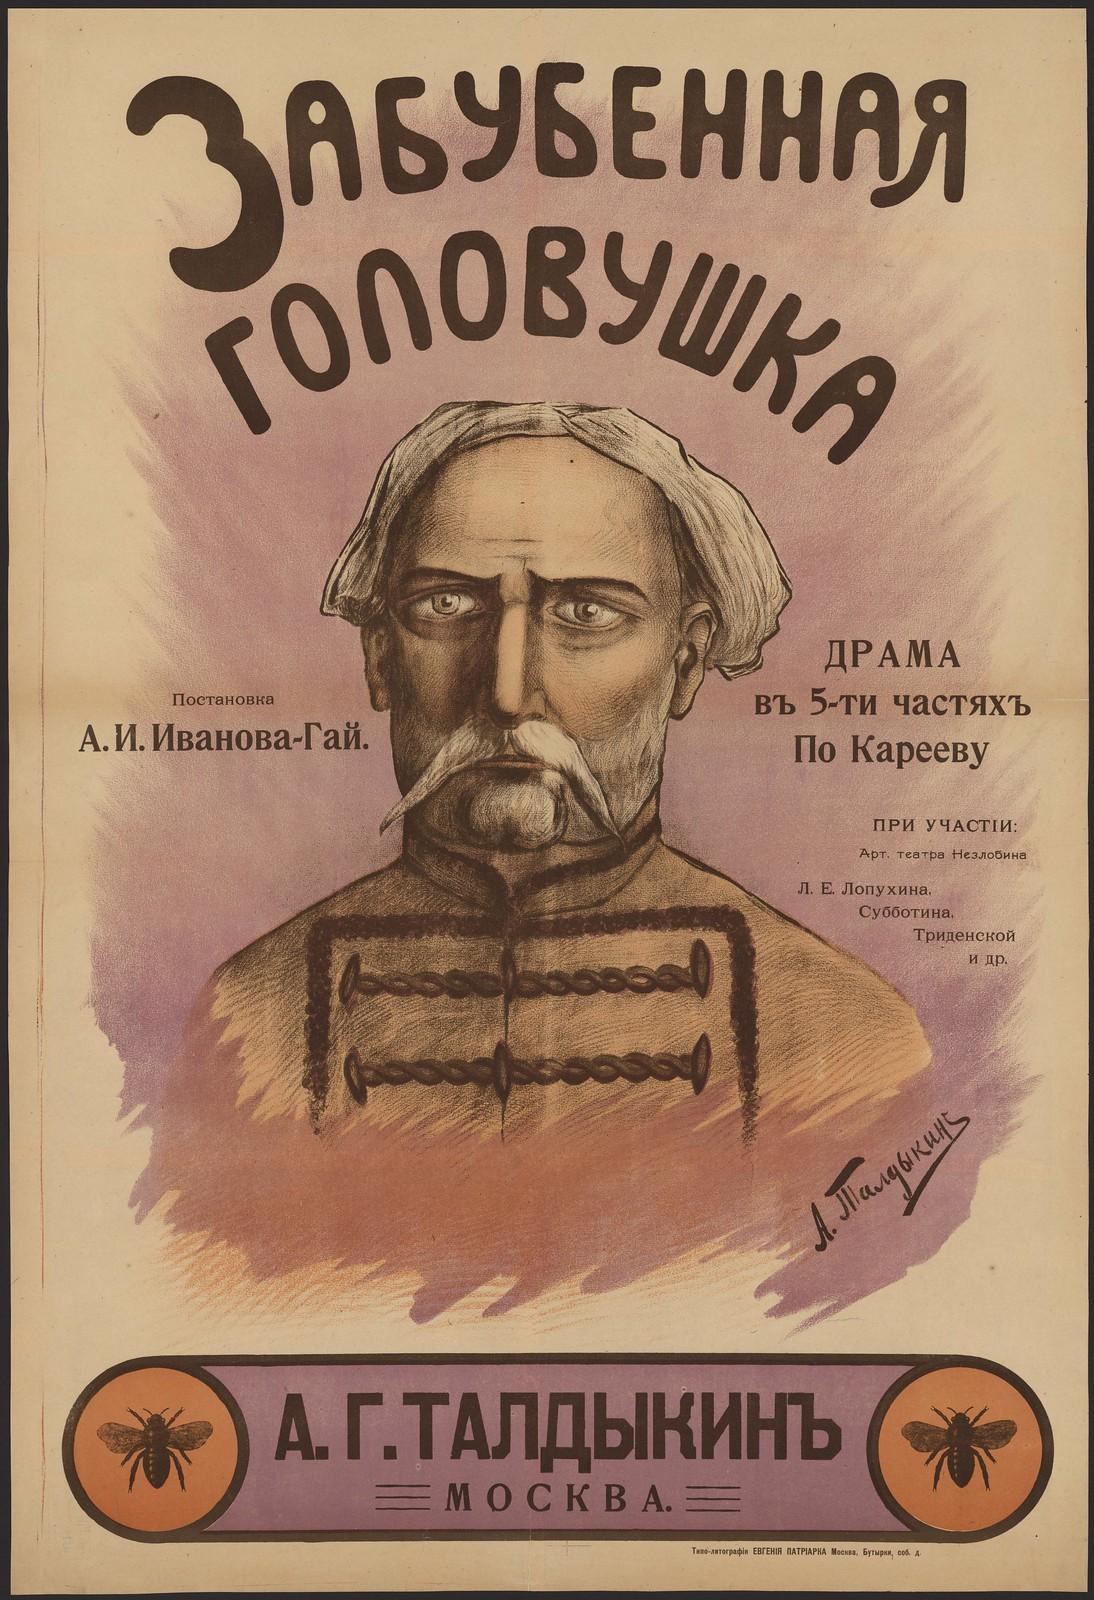 1917. «Забубенная головушка».